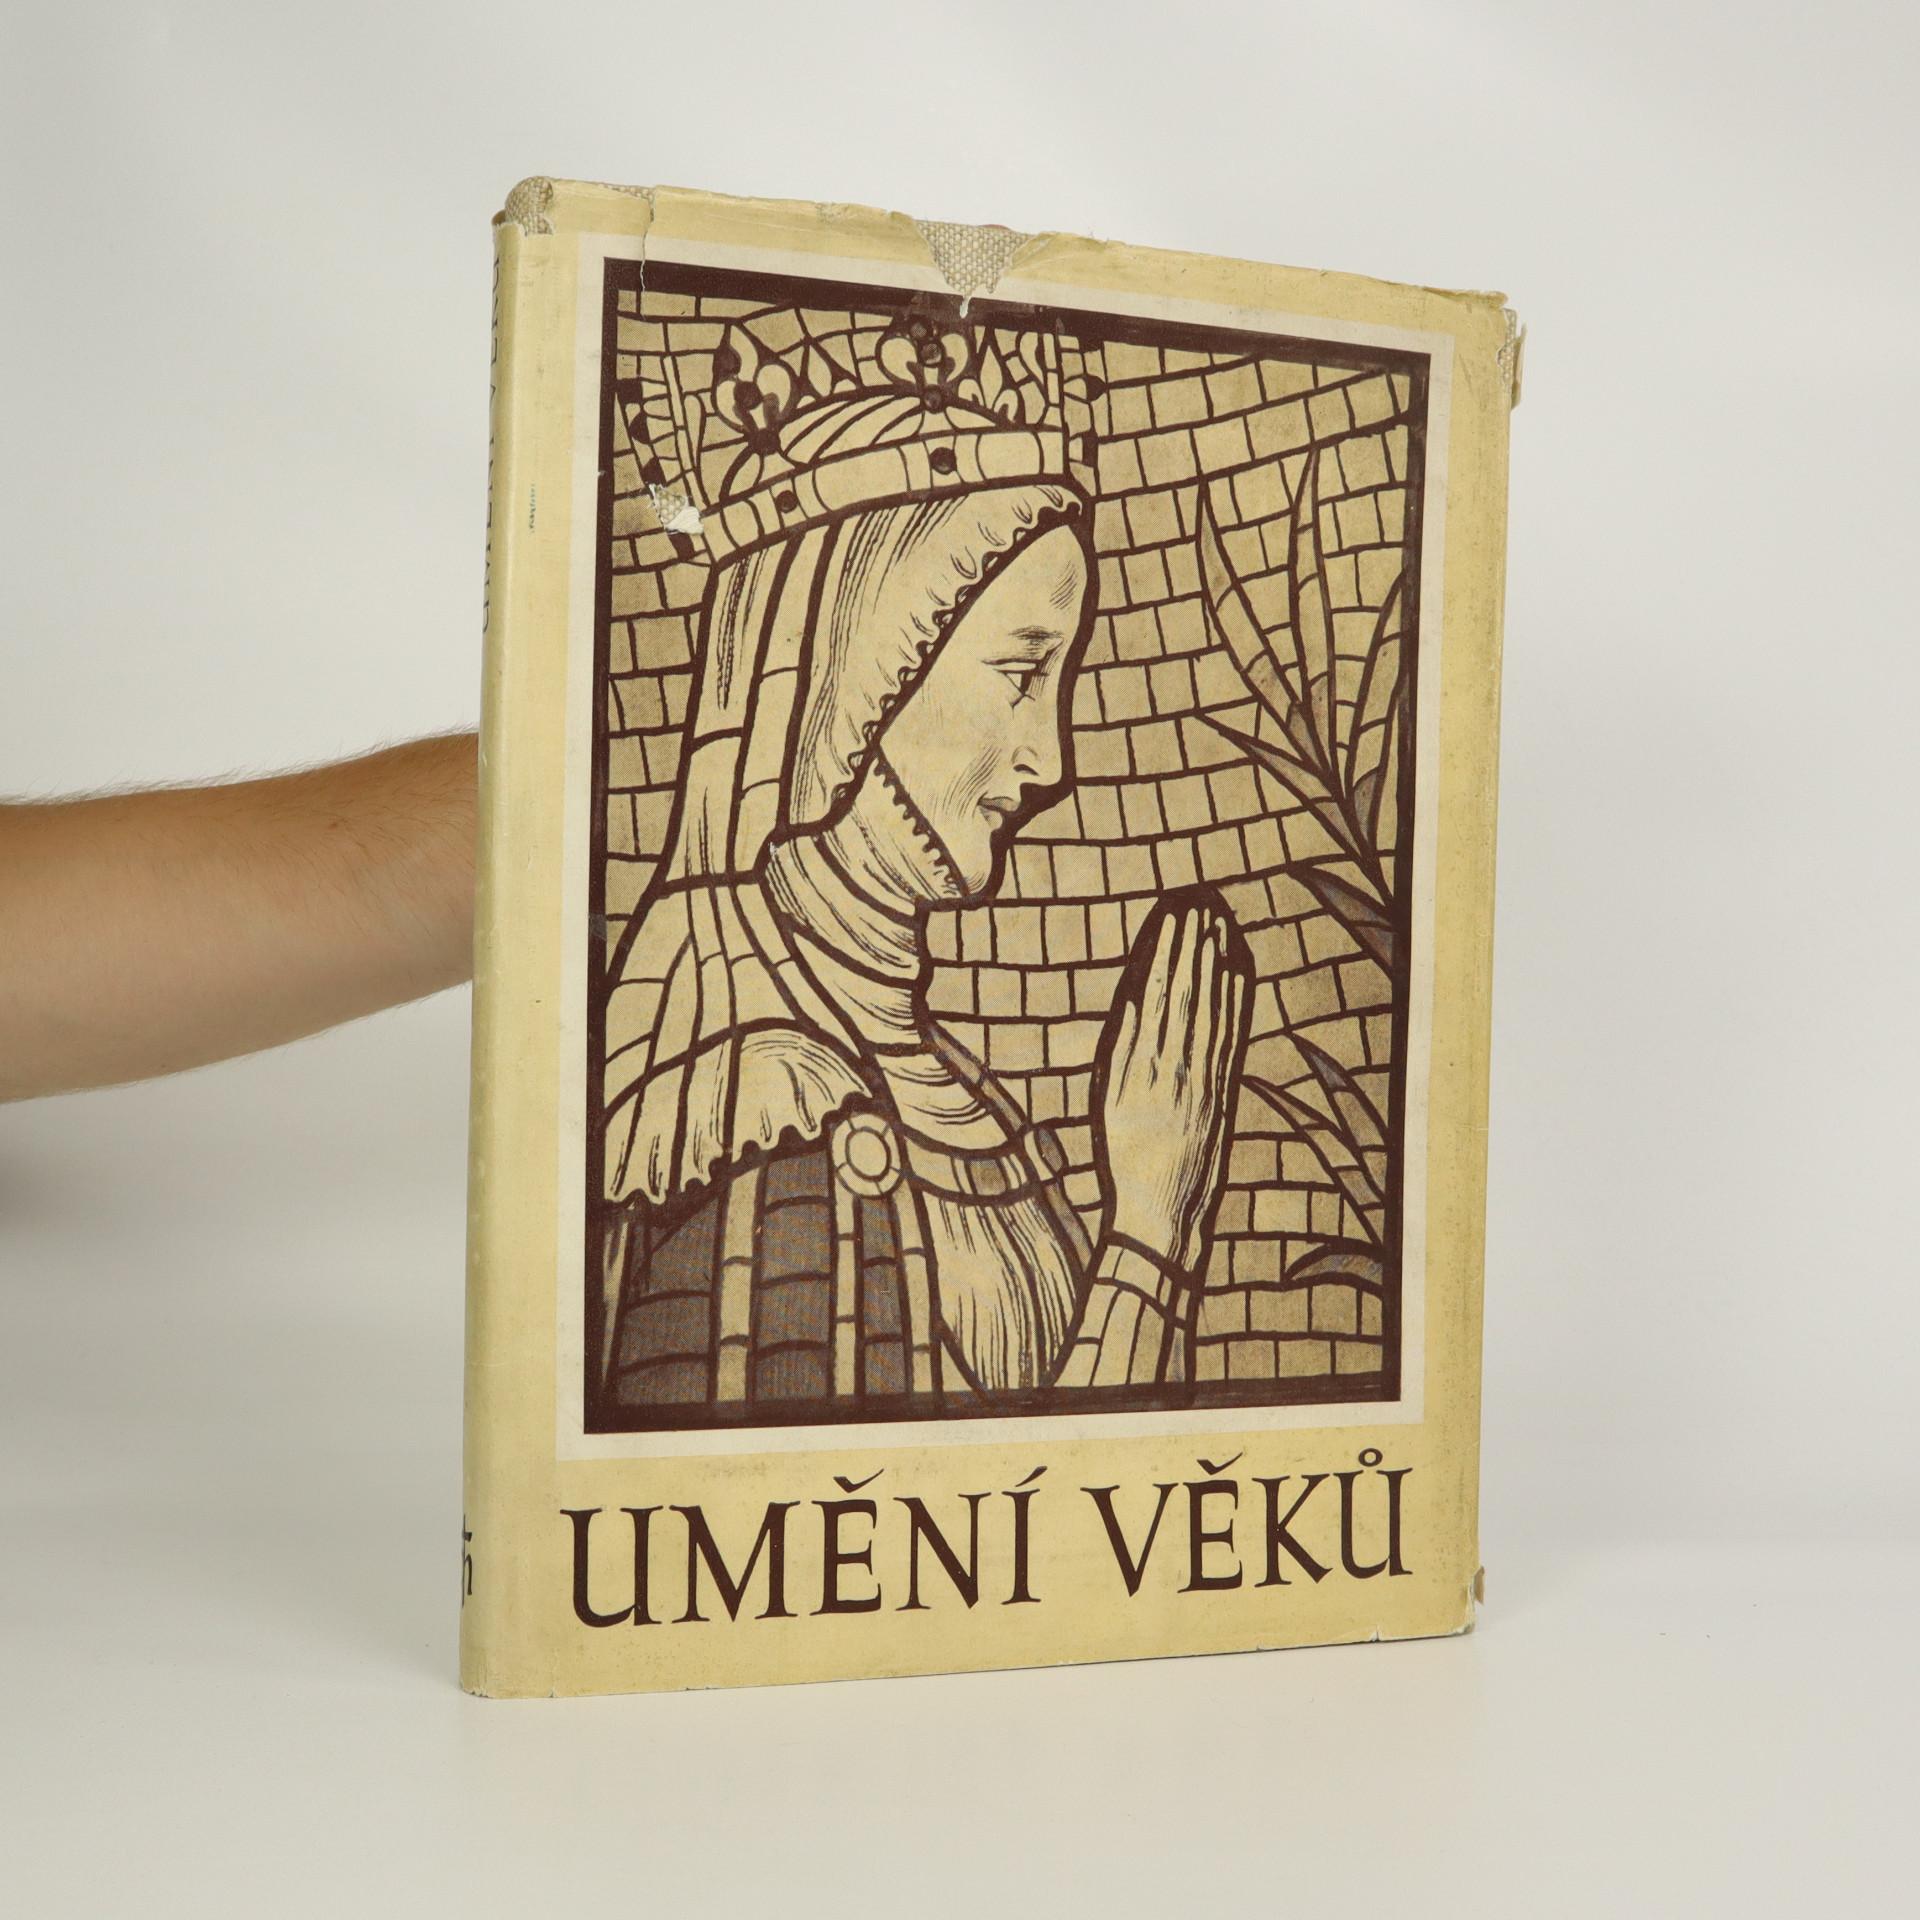 antikvární kniha Umění věků, 1957